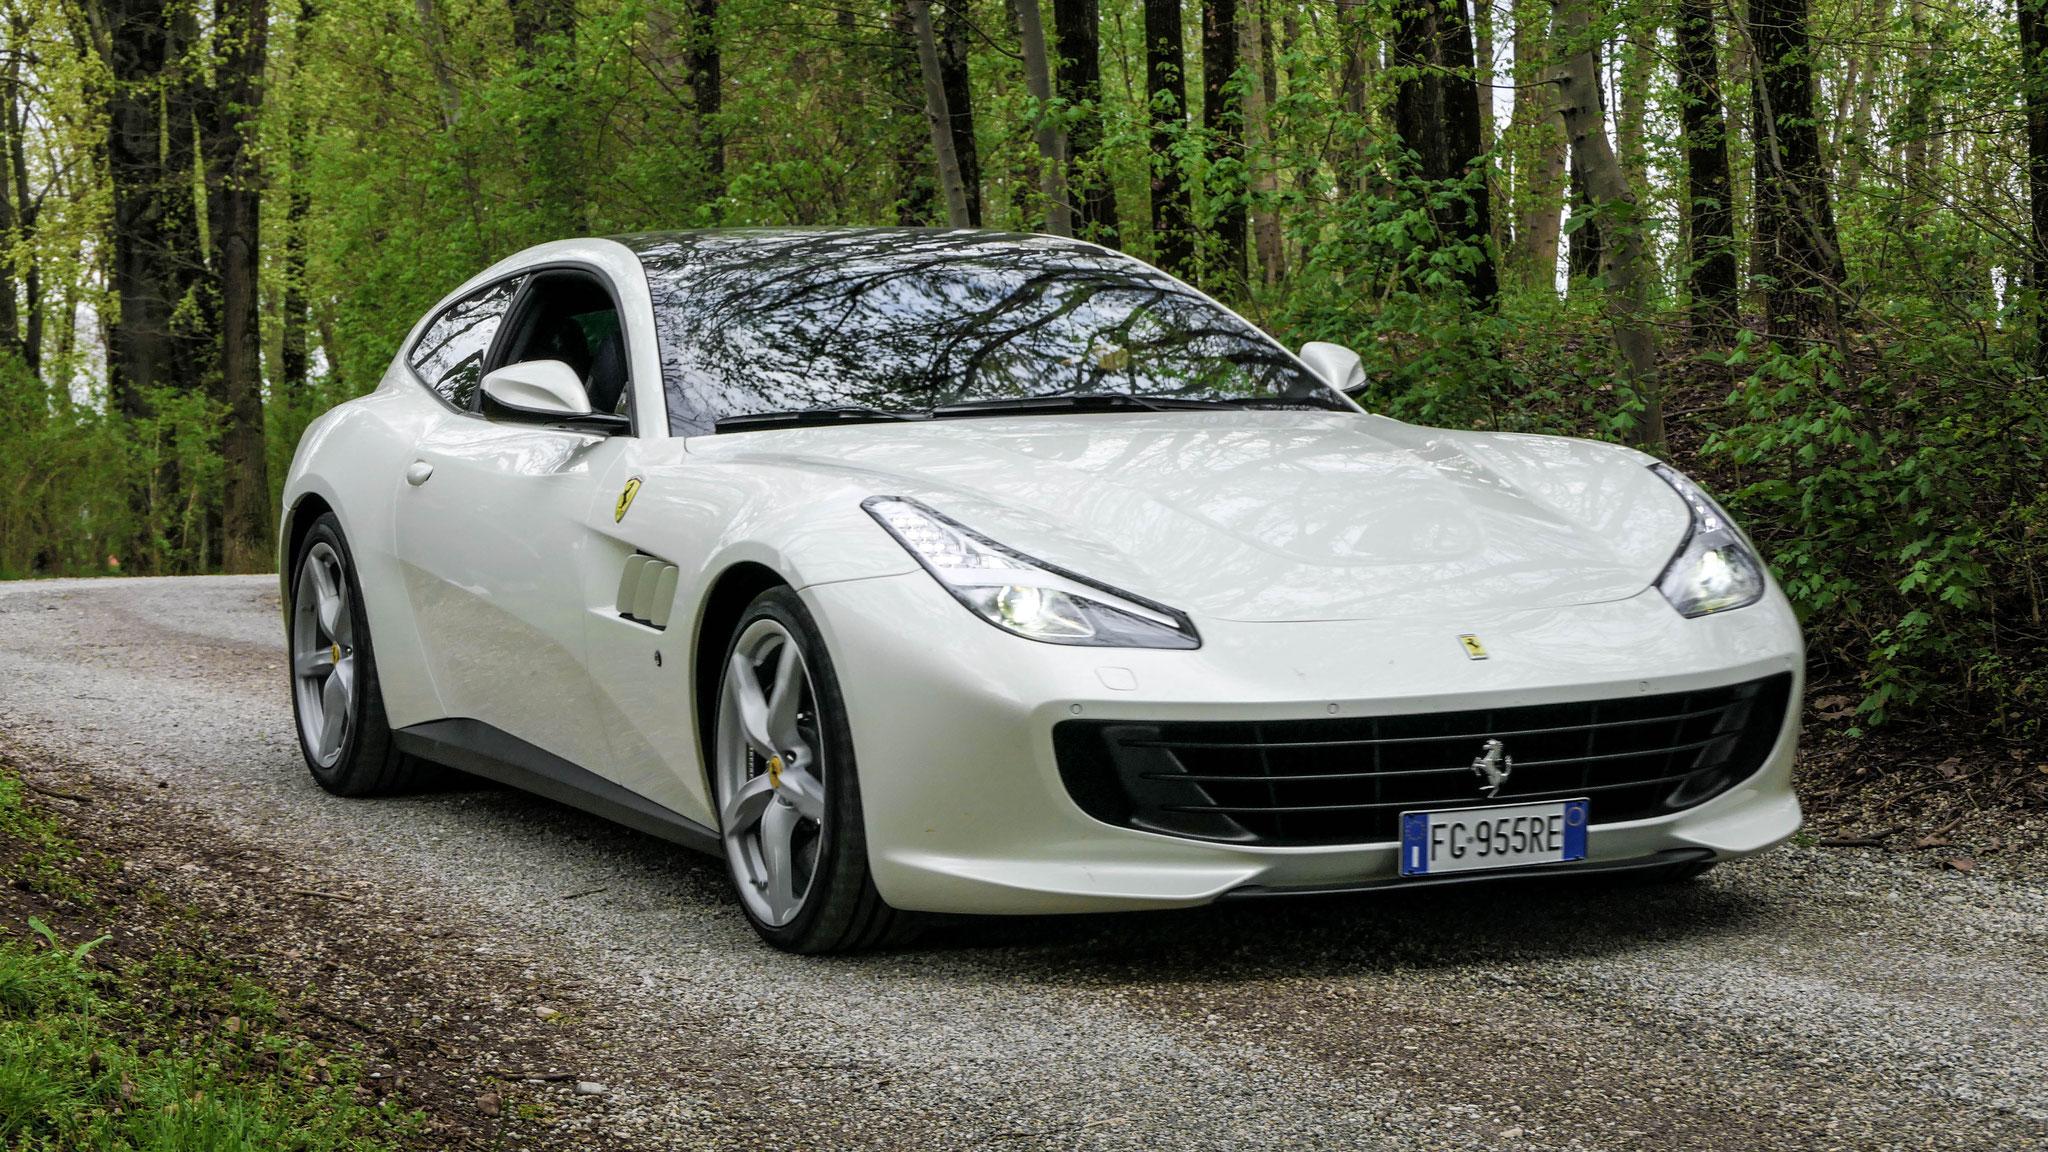 Ferrari GTC4 Lusso - FG-955-RE (ITA)